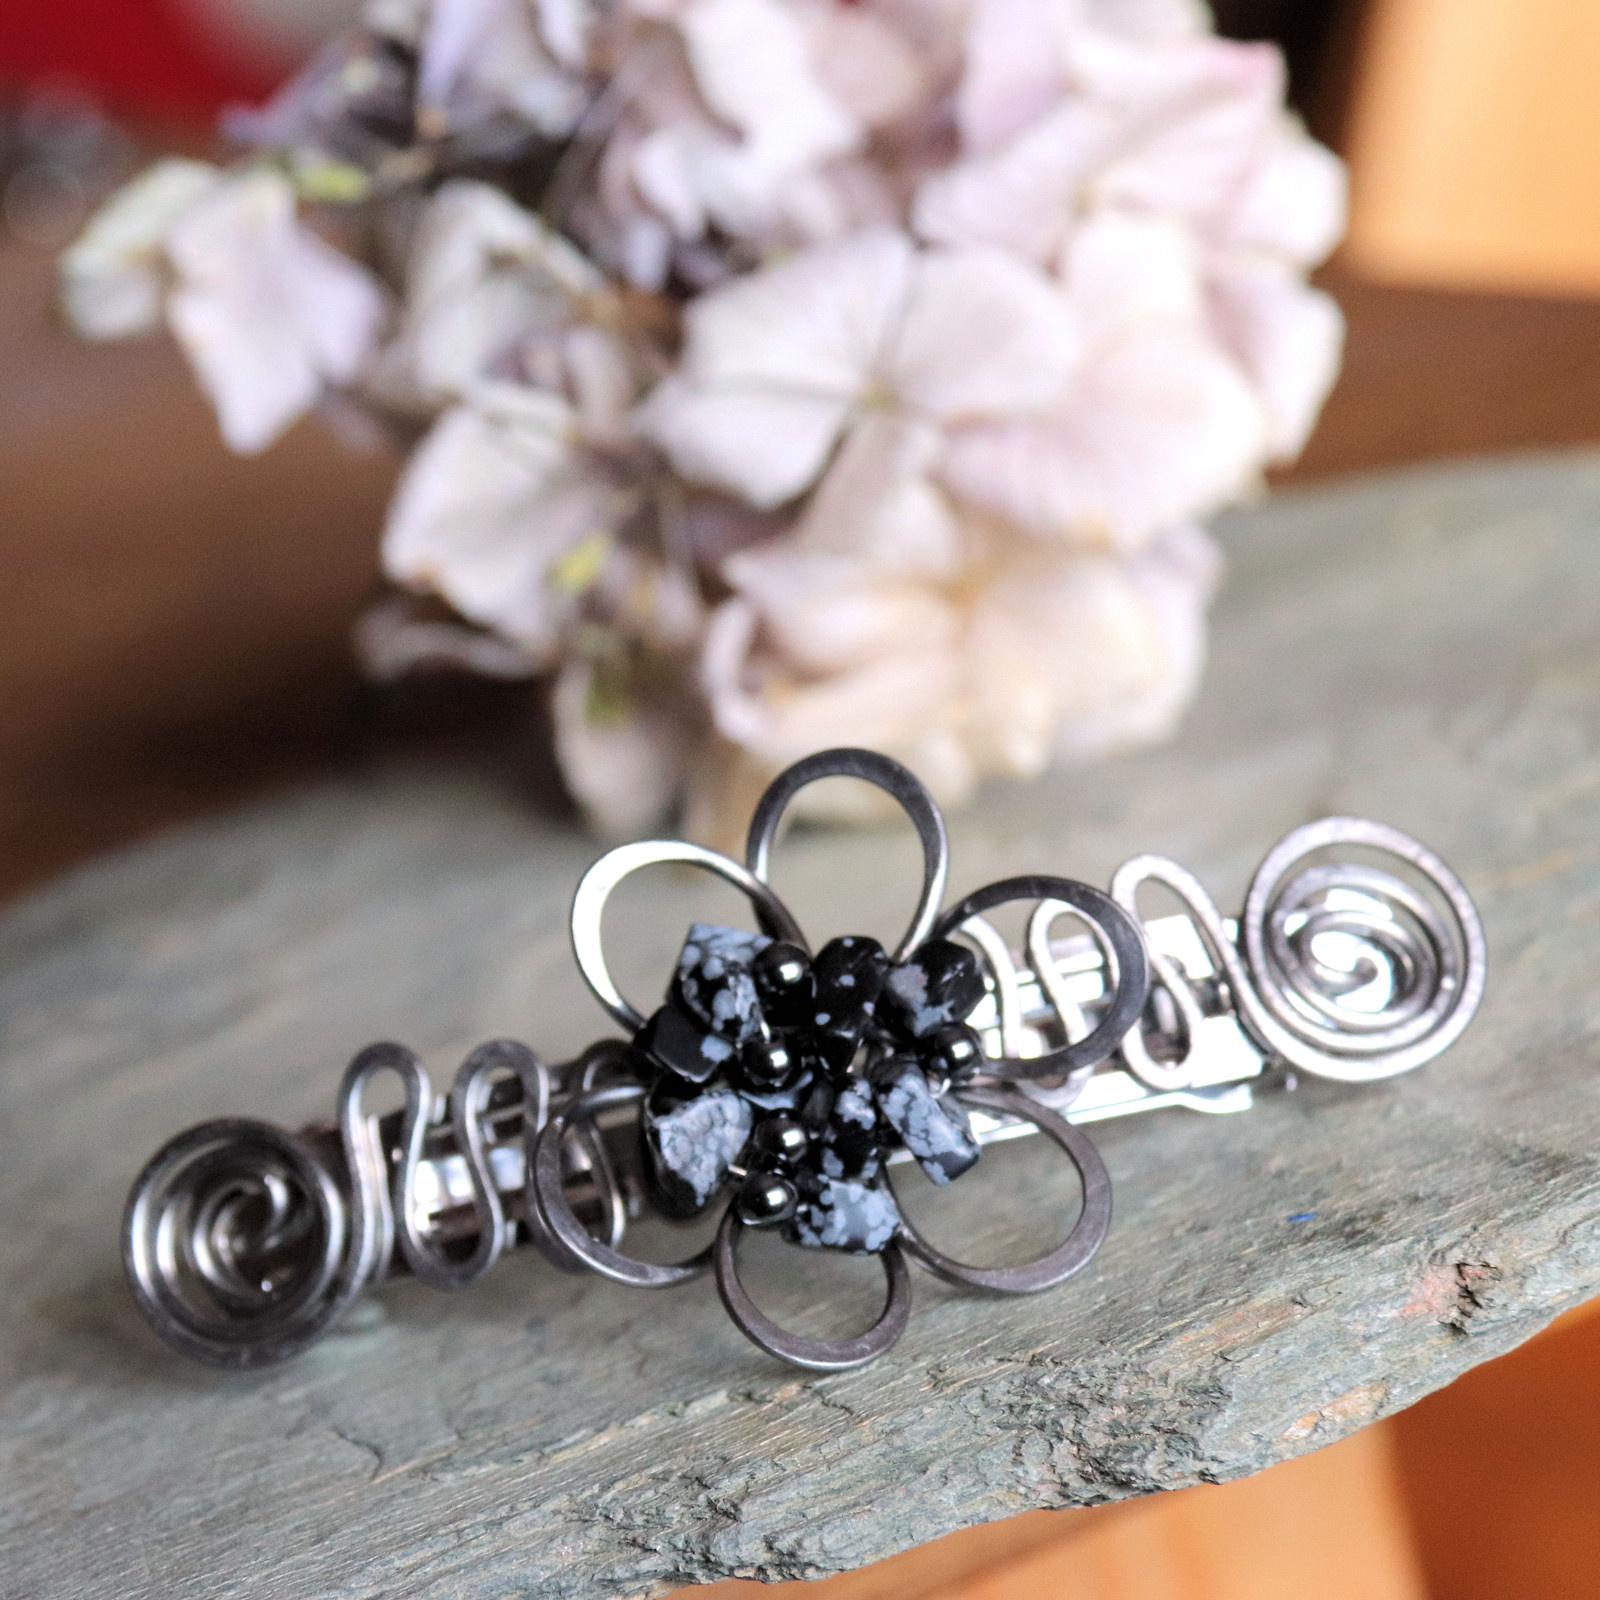 Čarokvět s obsidiánem - spona do vlasů 8 cm   Zboží prodejce Hani ... ce33c244f9